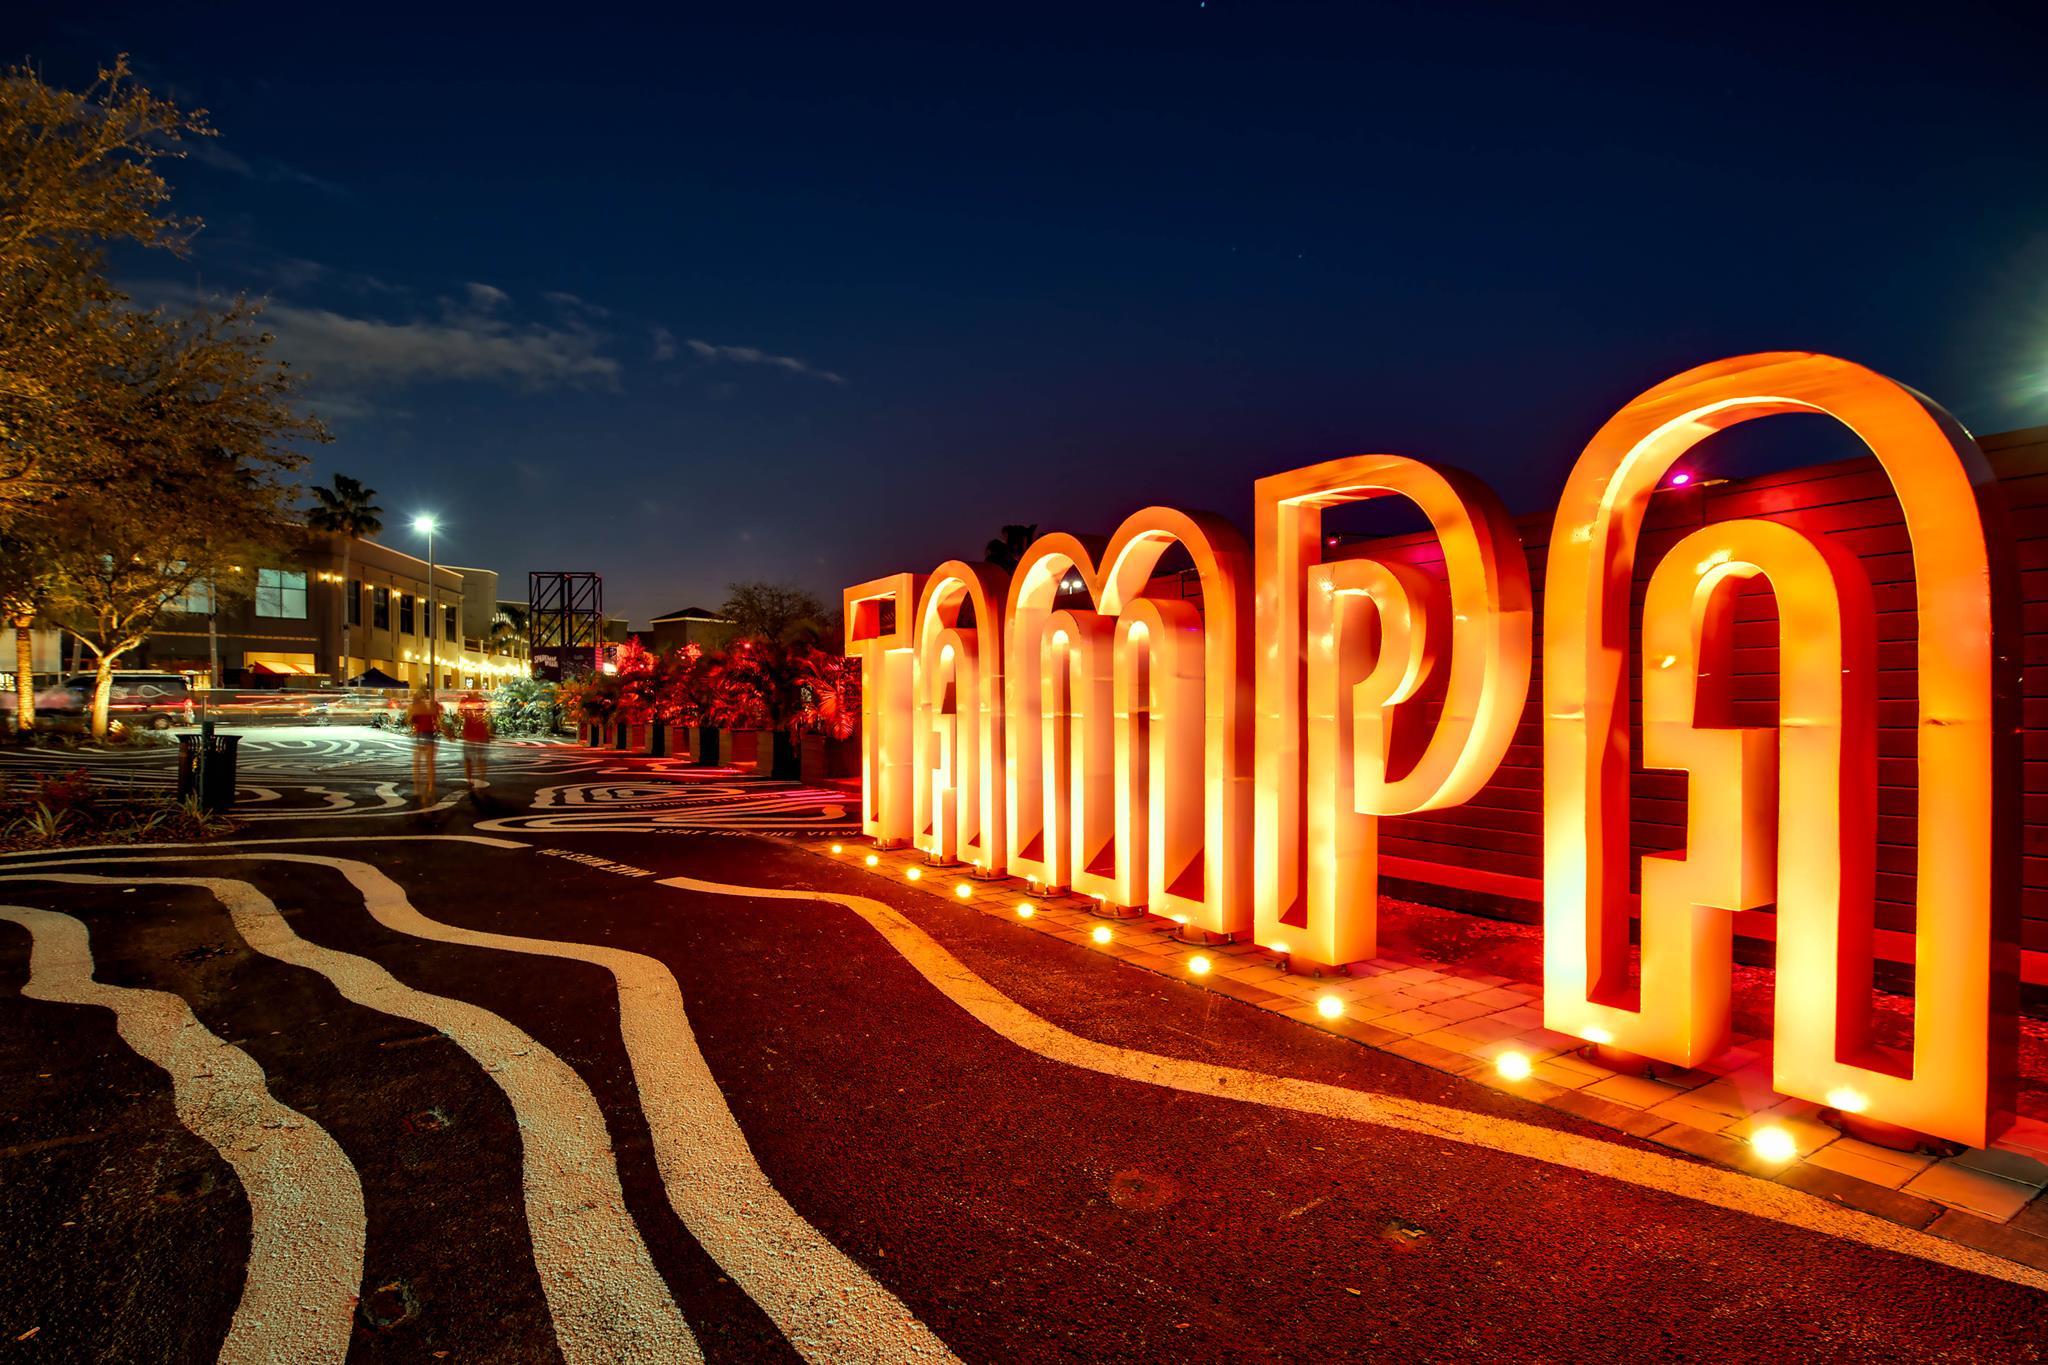 Richard M Nappi Team At Future Home Realty 1-813-546-9725